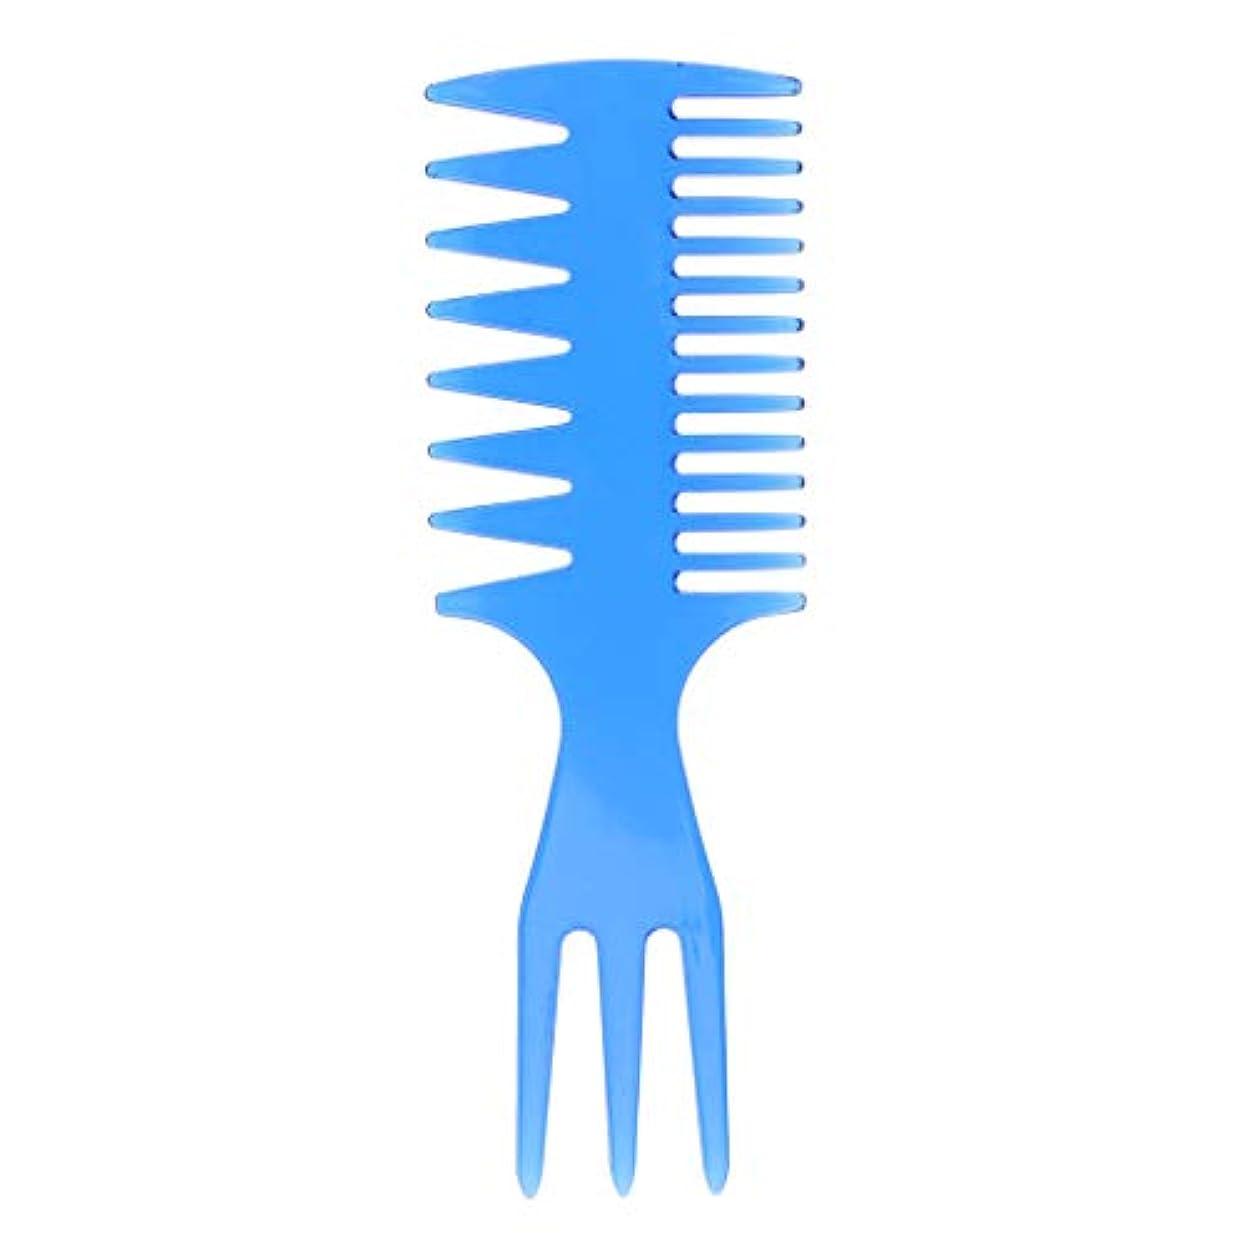 宝石宣言エラー1つの人の油性毛の一突きの櫛の大広間の染料の理髪のスタイリング広い歯に付き3つ